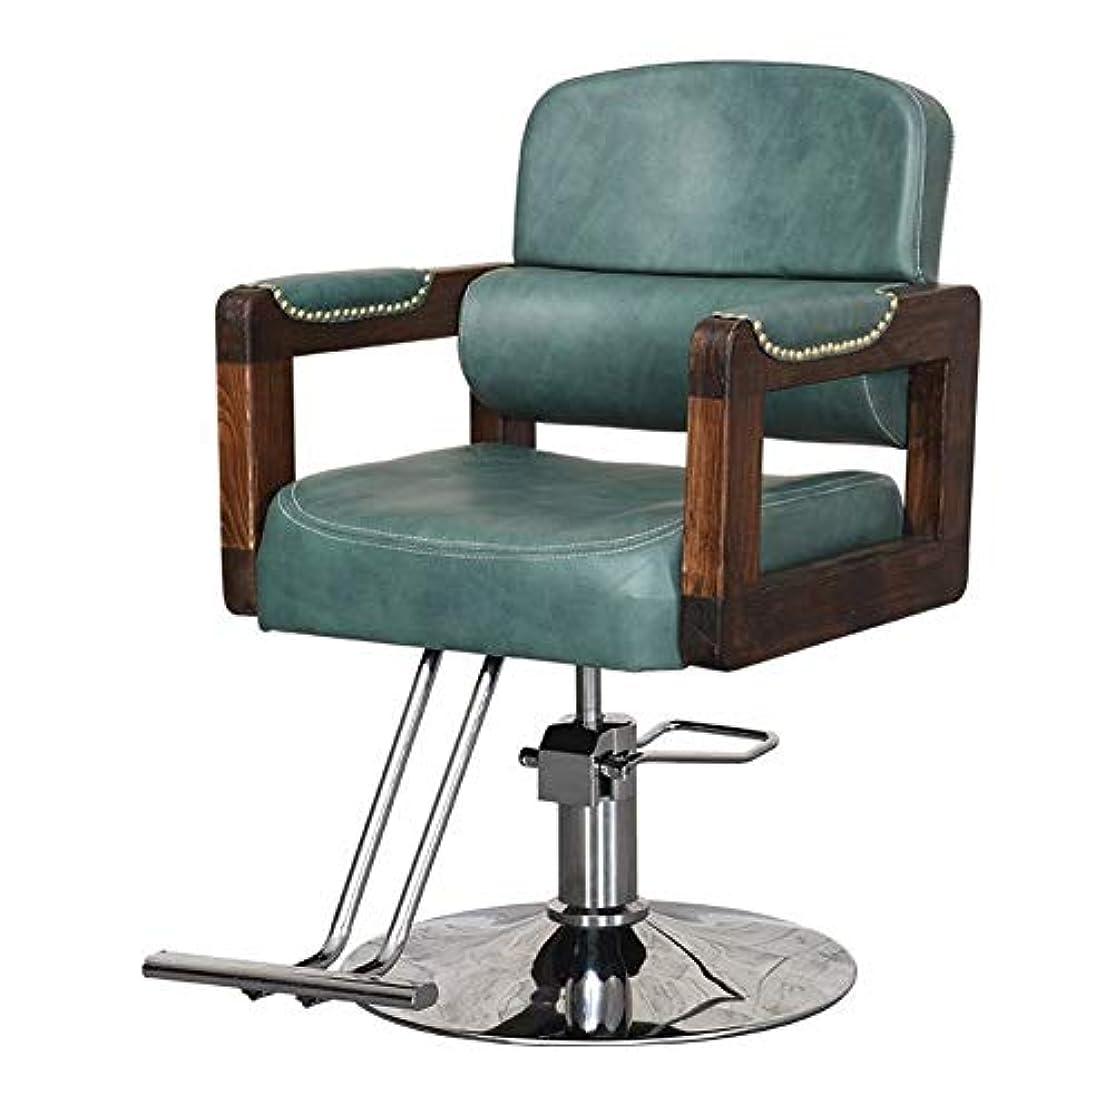 結晶意味活気づくサロンの椅子は専門の油圧理髪店の椅子の大広間の美容院の鉱泉のモデリングチェアの円形の基盤を持ち上げるために回すことができます,Brown,B